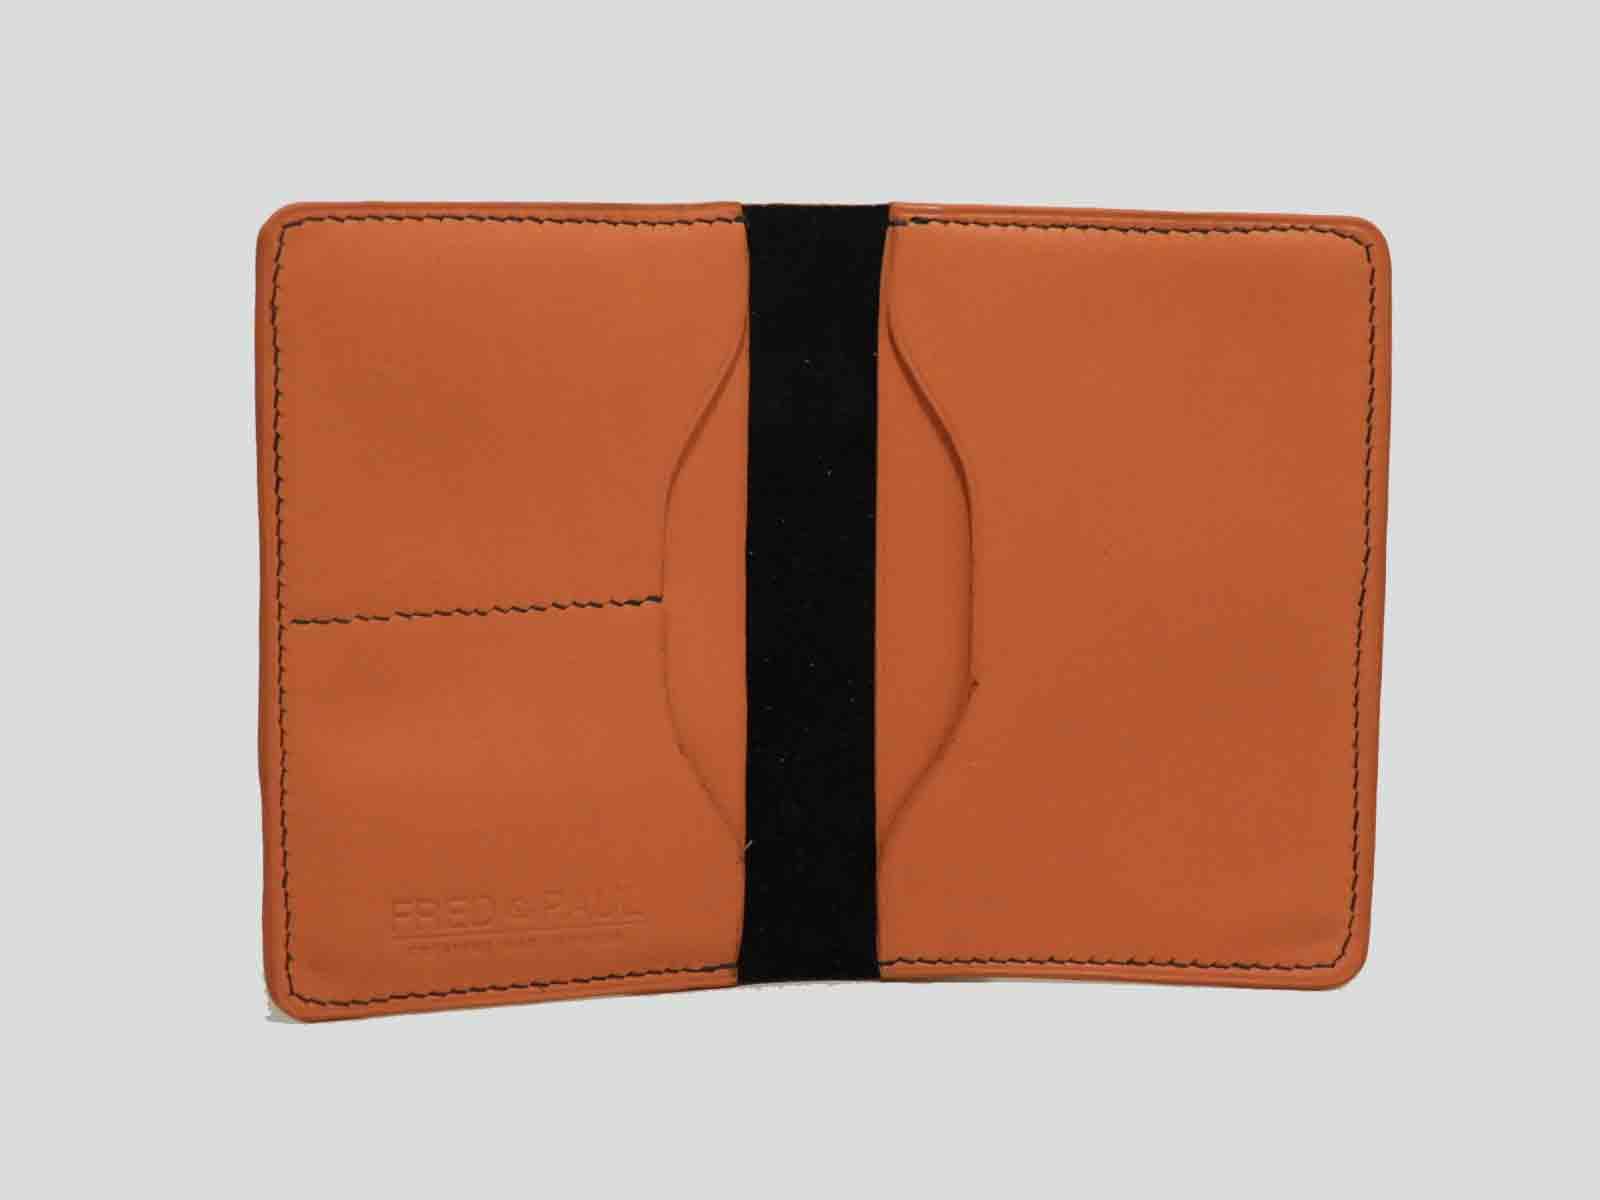 BALI protège passeport en cuir de veau chocolat et orange